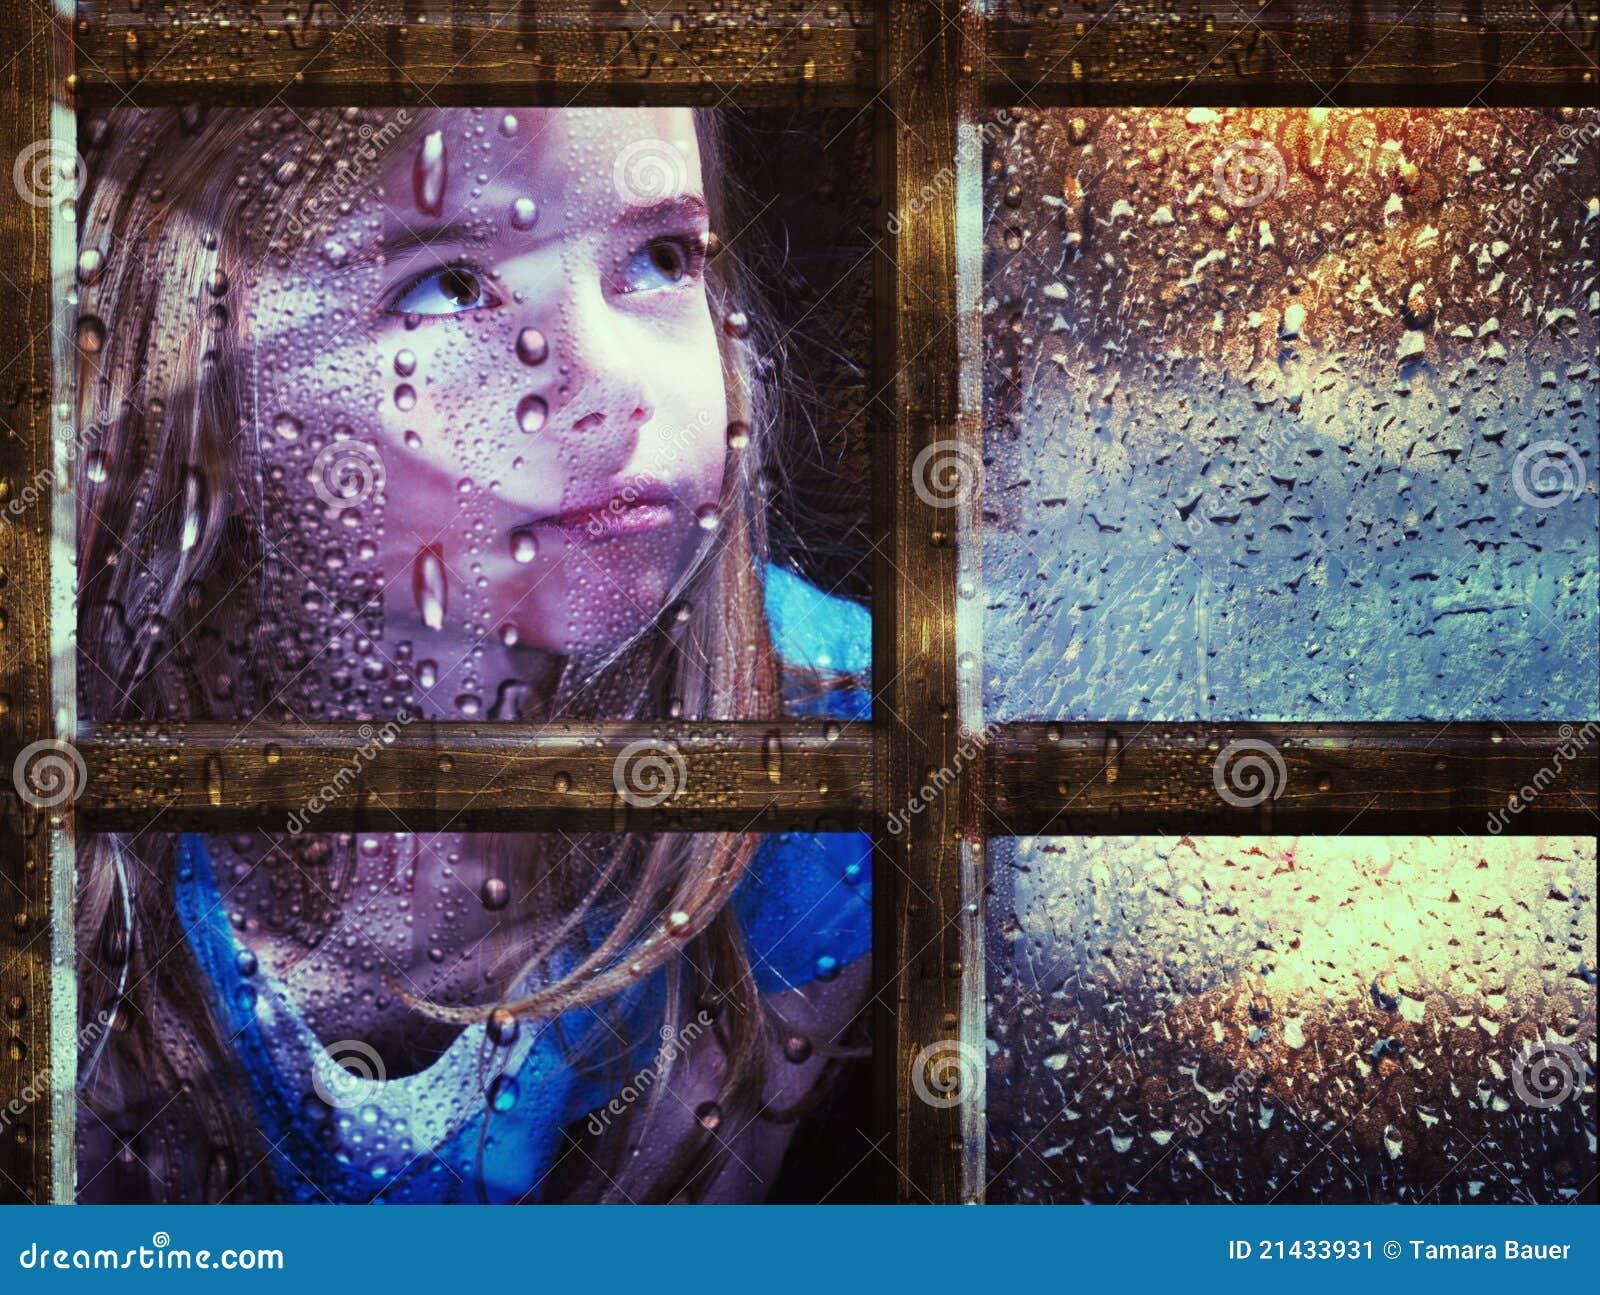 Ragazza alla finestra in pioggia immagine stock immagine 21433931 - Ragazza alla finestra ...